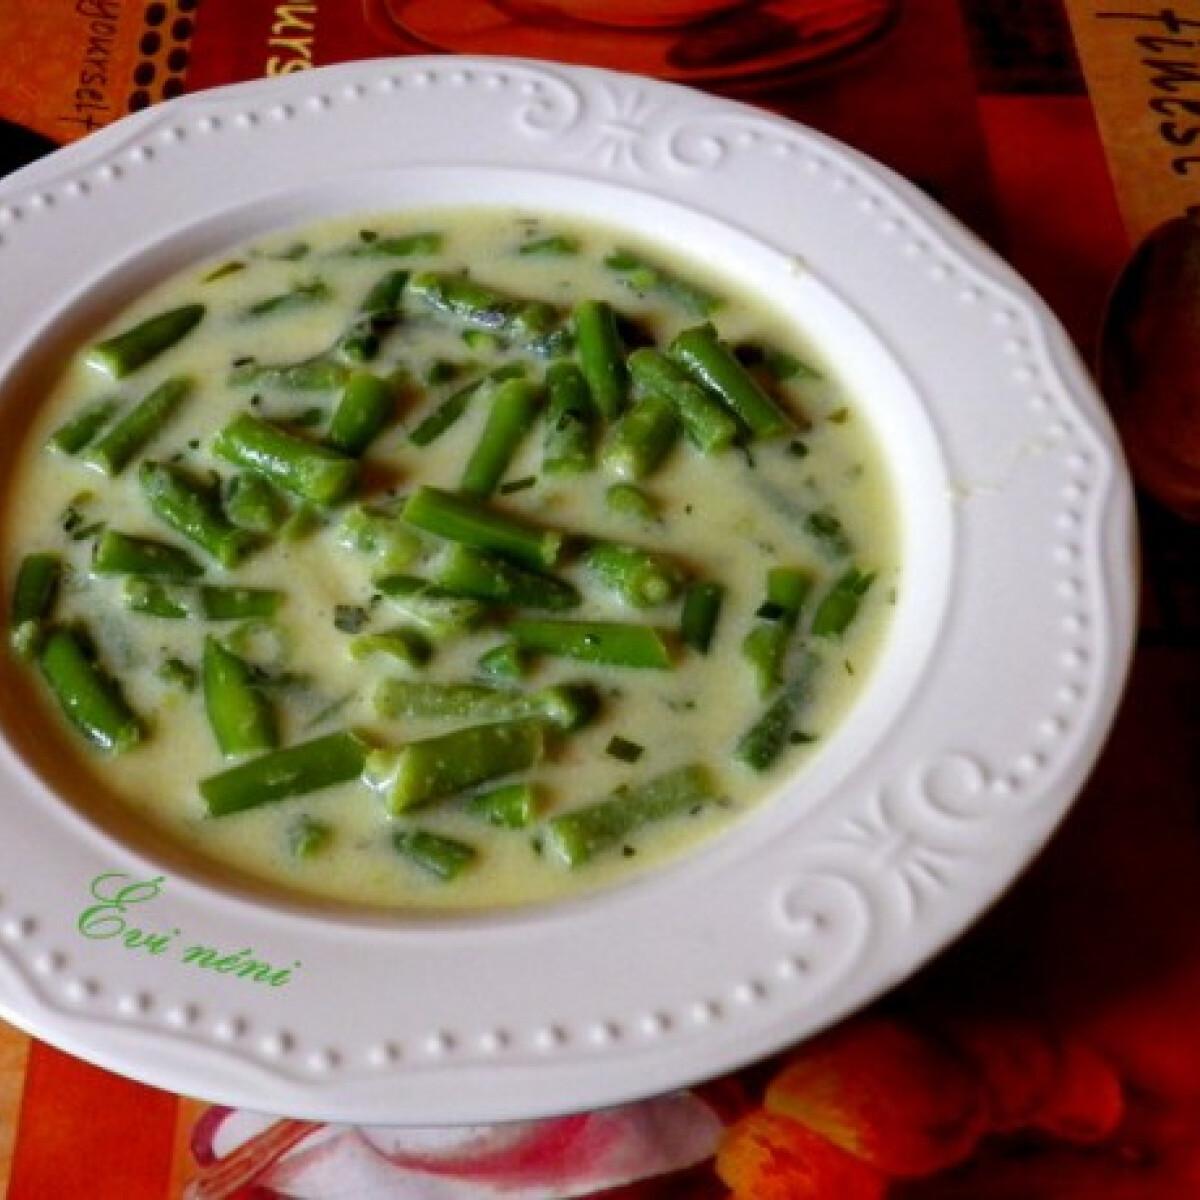 Ezen a képen: Tárkonyos zöldbabfőzelék Évi néni konyhájából